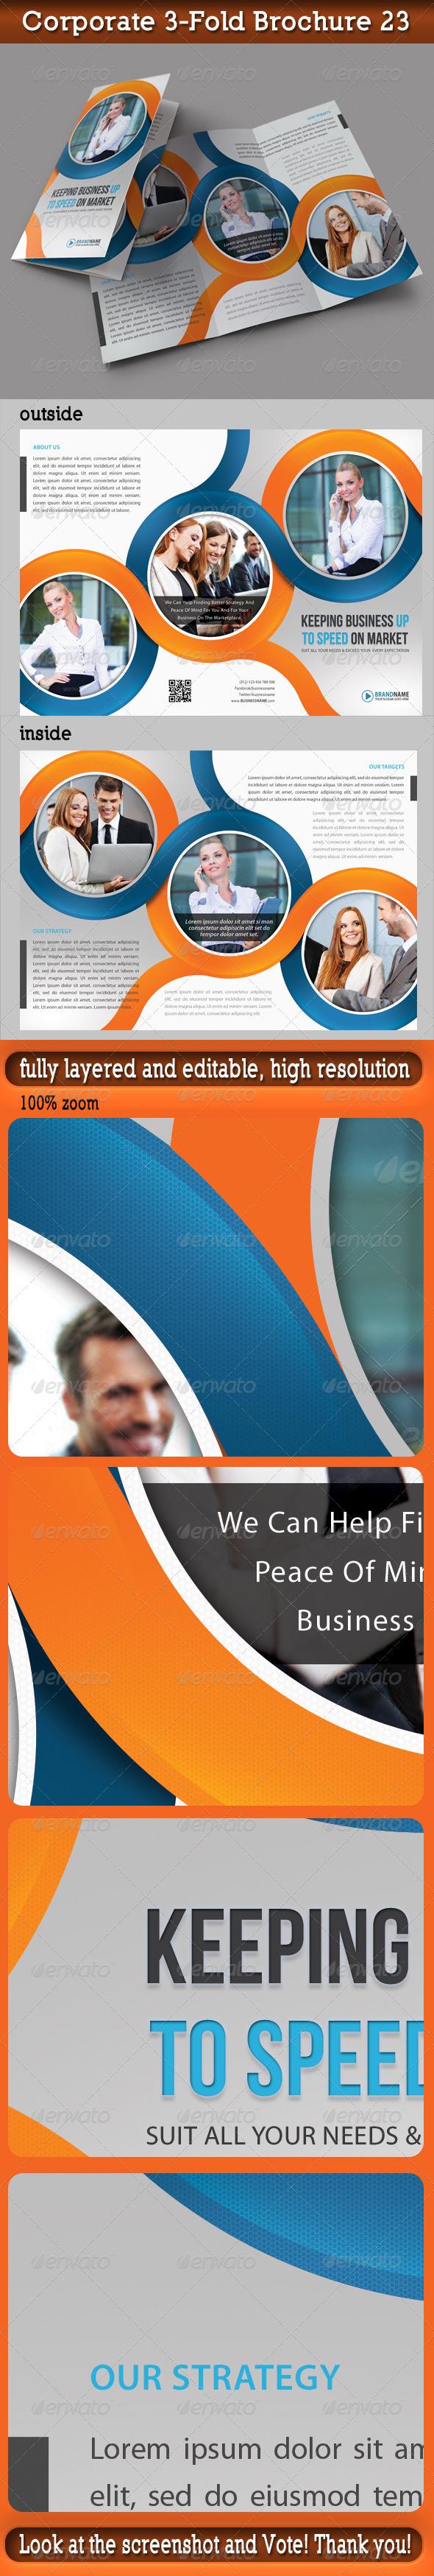 Corporate 3-Fold Brochure 23 - Corporate Brochures